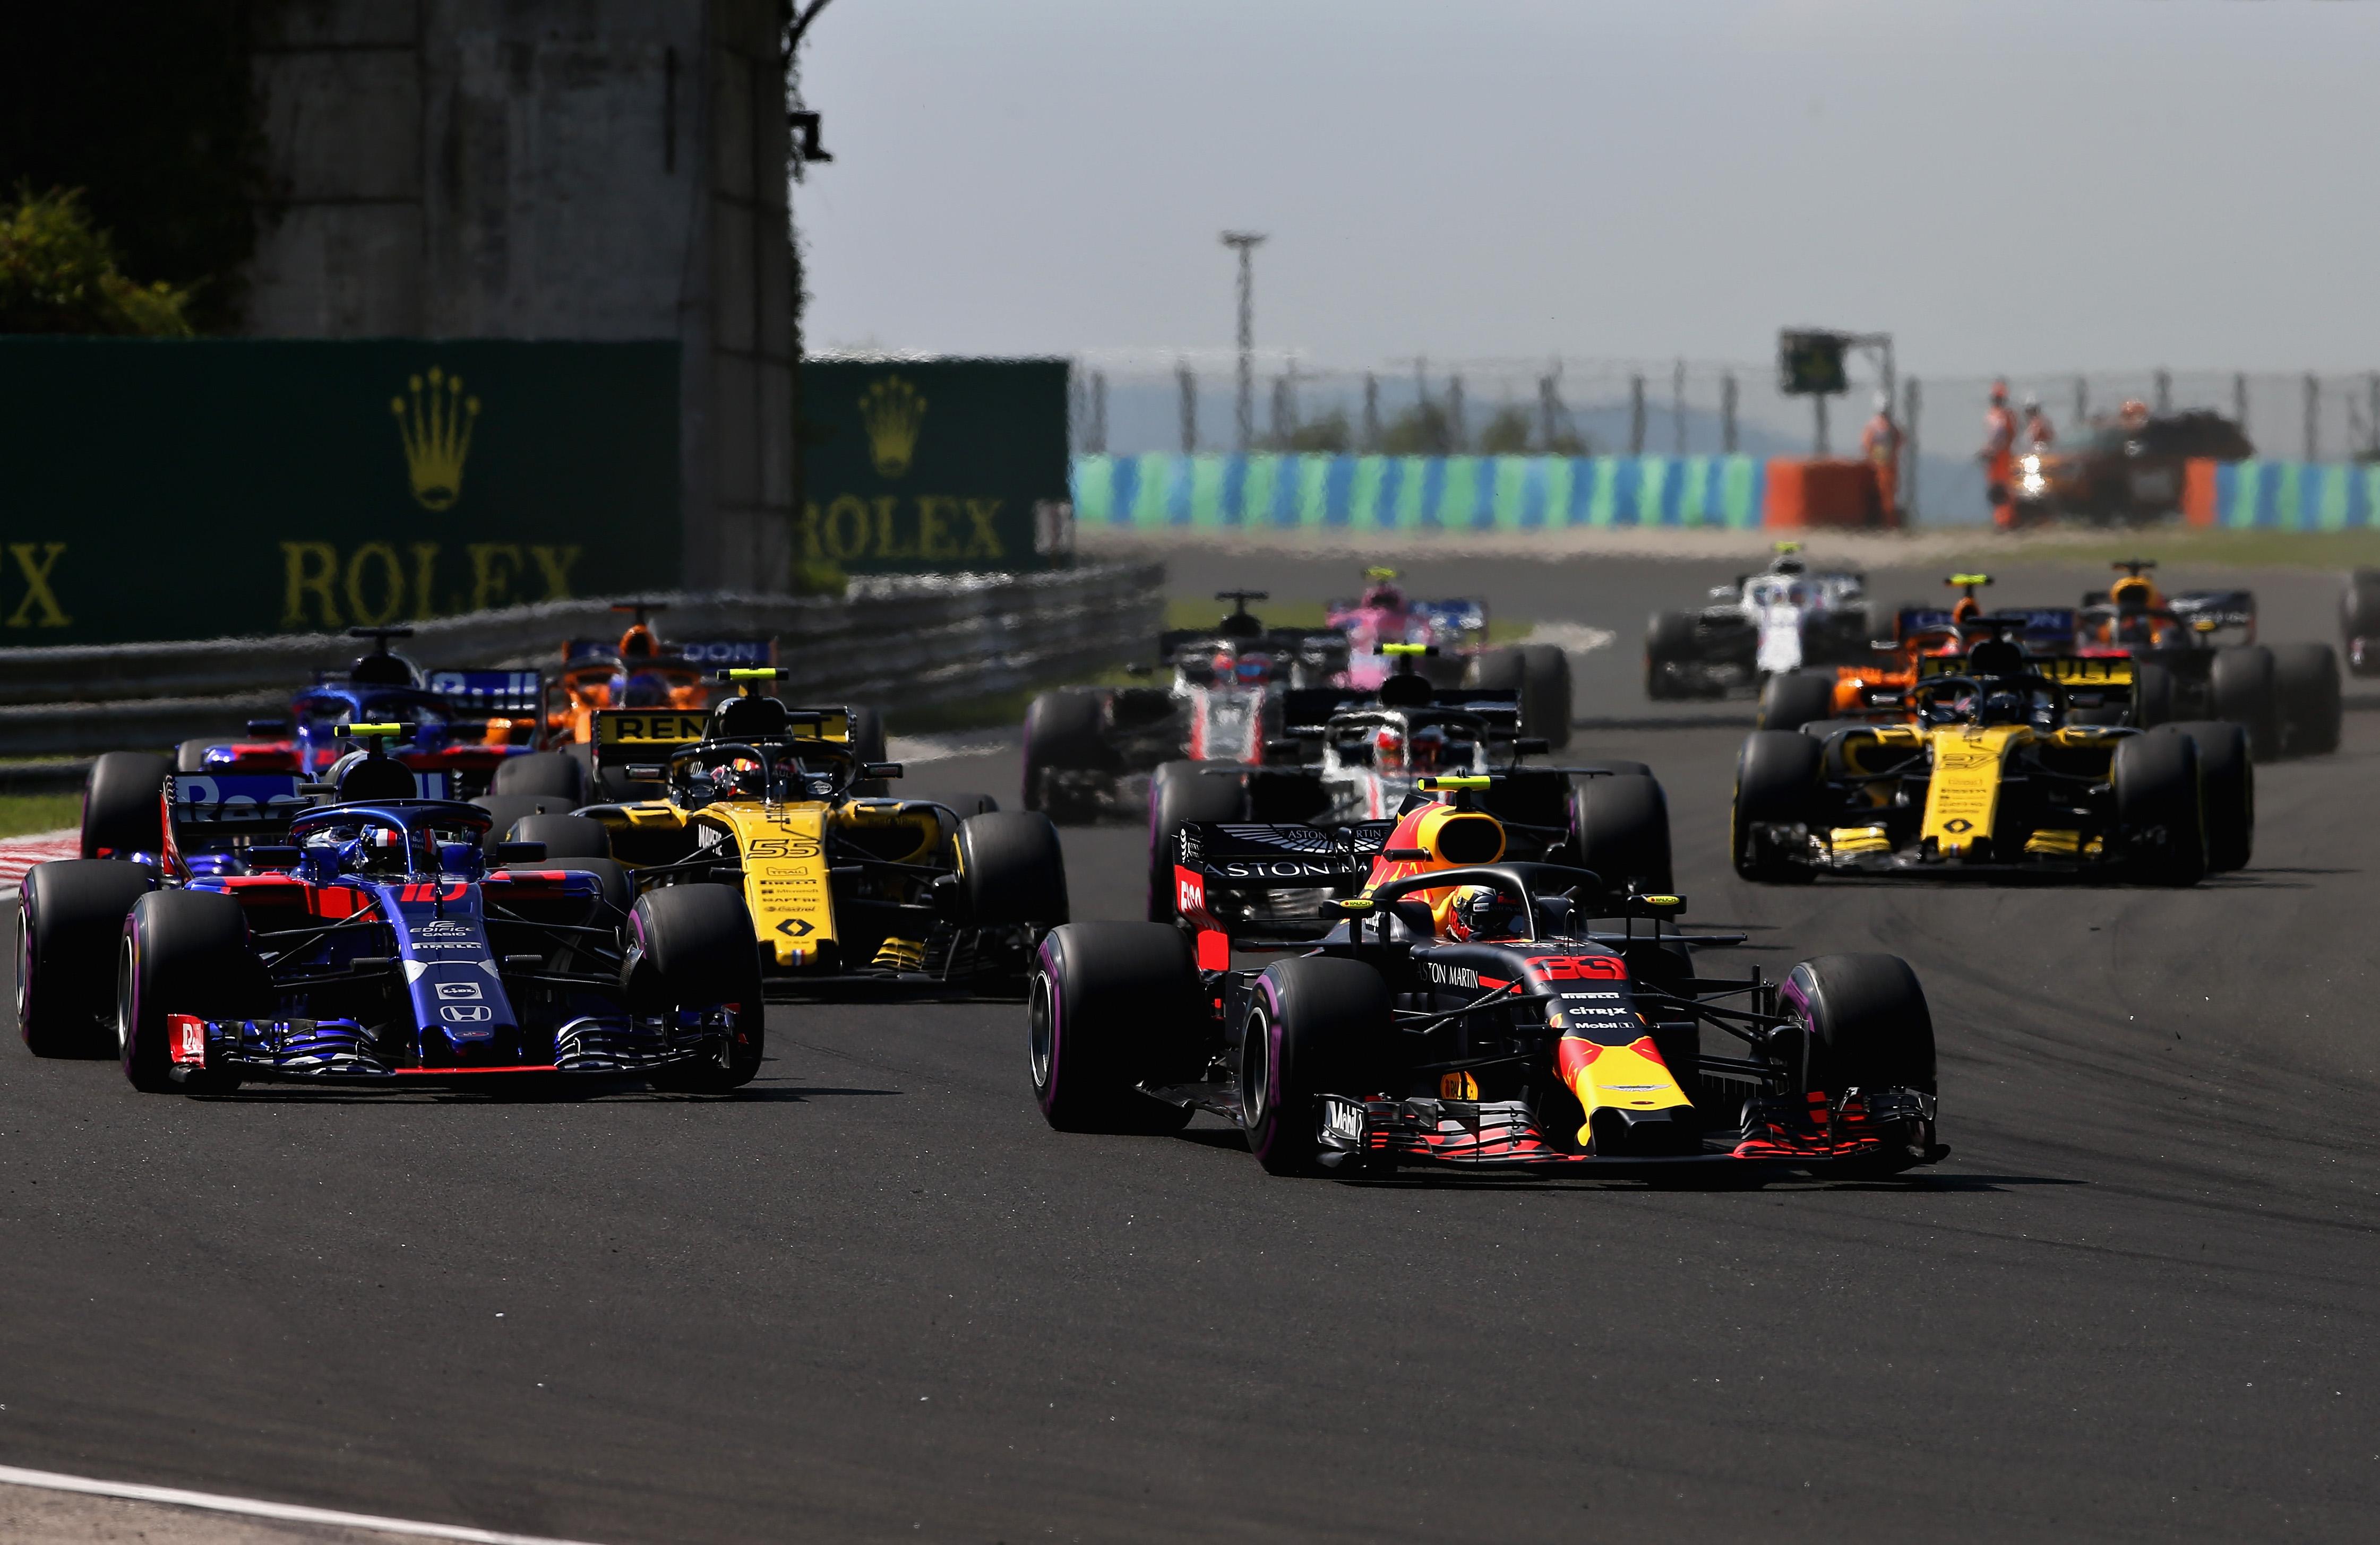 Max valt met technische problemen uit in GP van Hongarije: